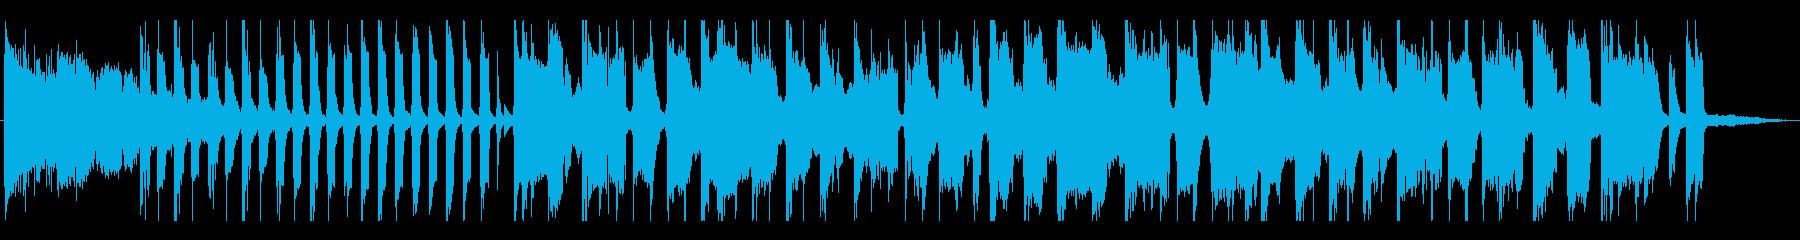 場面転換、CM、イントロ_インパクト有りの再生済みの波形